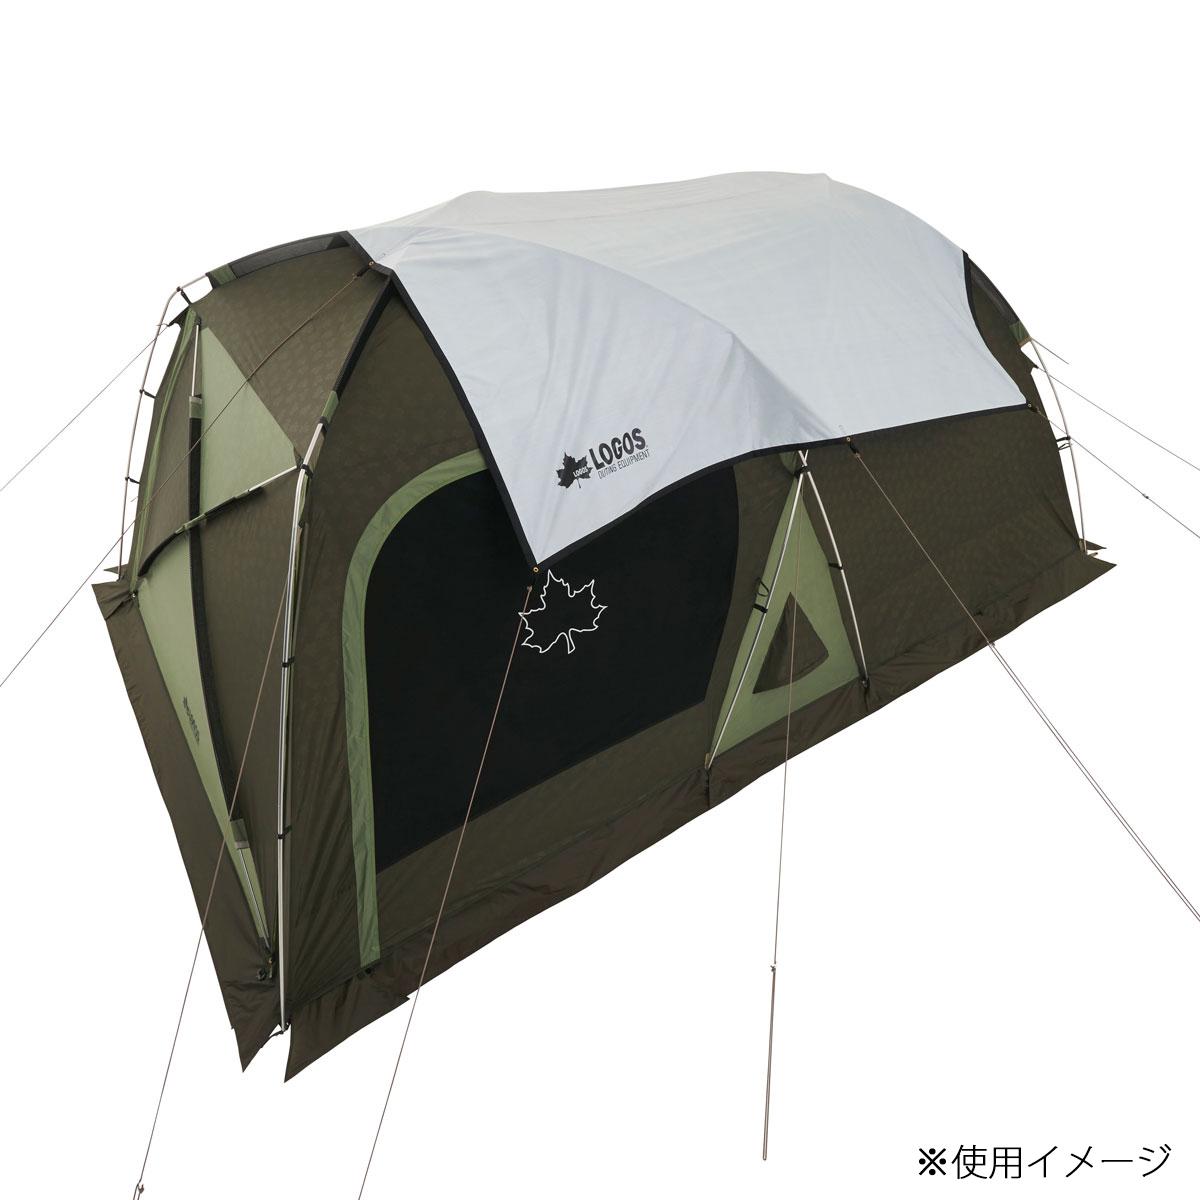 ロゴス(LOGOS) テント・タープ用品 ソーラーブロック トップシート300-BJ 71805560 キャンプ アウトドア